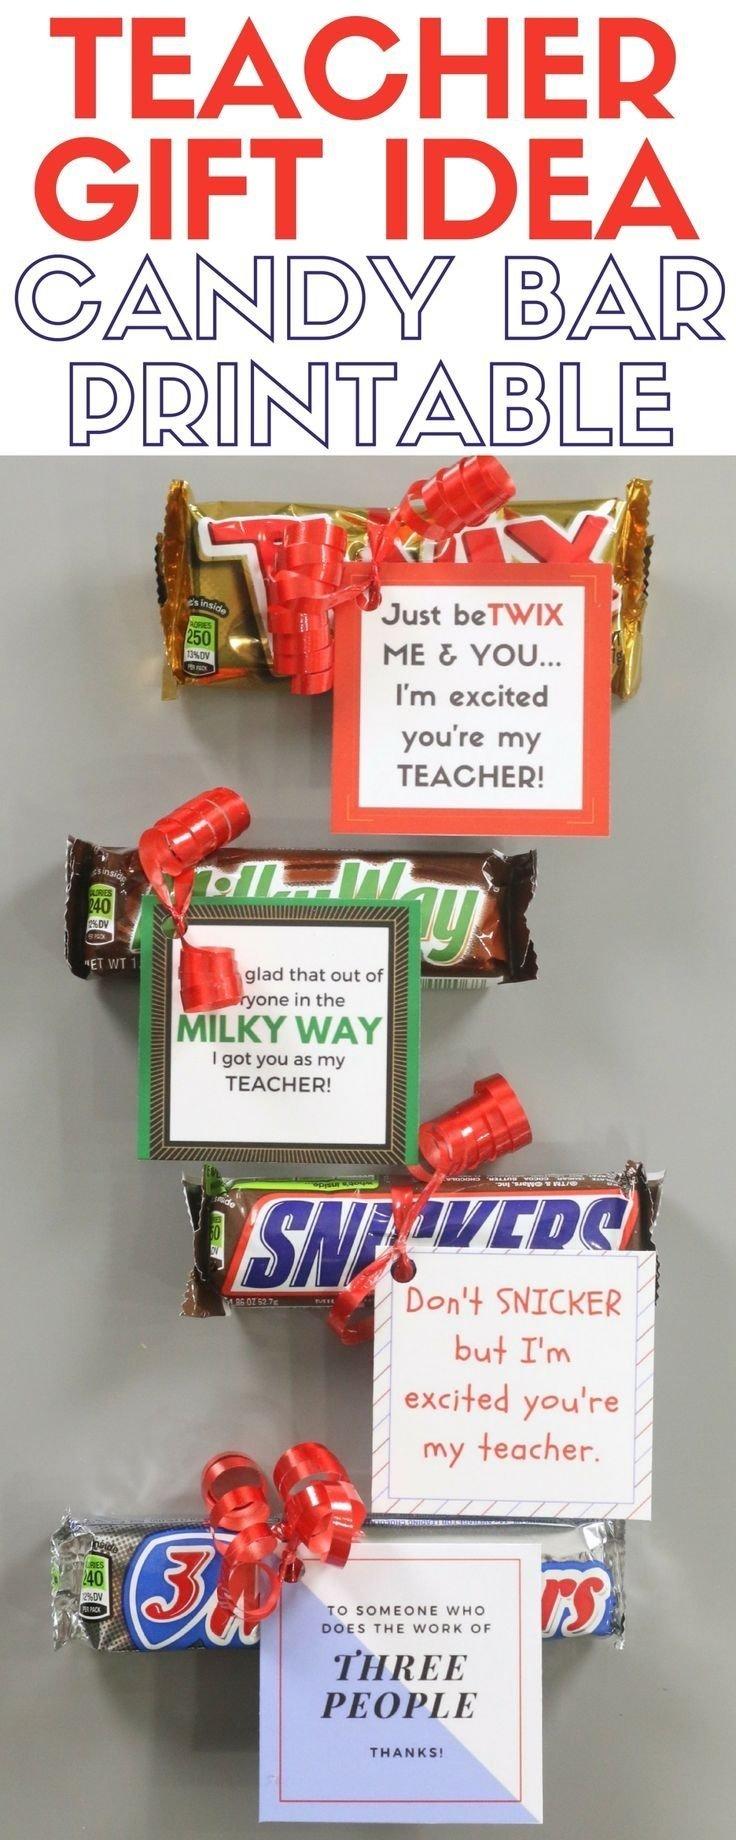 10 Trendy Gift Ideas For New Teachers 213 best teacher gift ideas images on pinterest presents for 2 2020